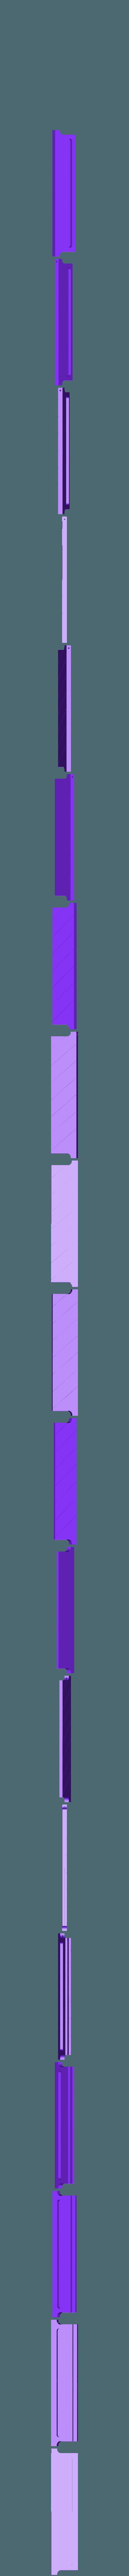 top_door_centered_RT.stl Télécharger fichier STL gratuit Ghostbuster Ghostbuster Ghosttrap • Modèle pour impression 3D, SLIDES